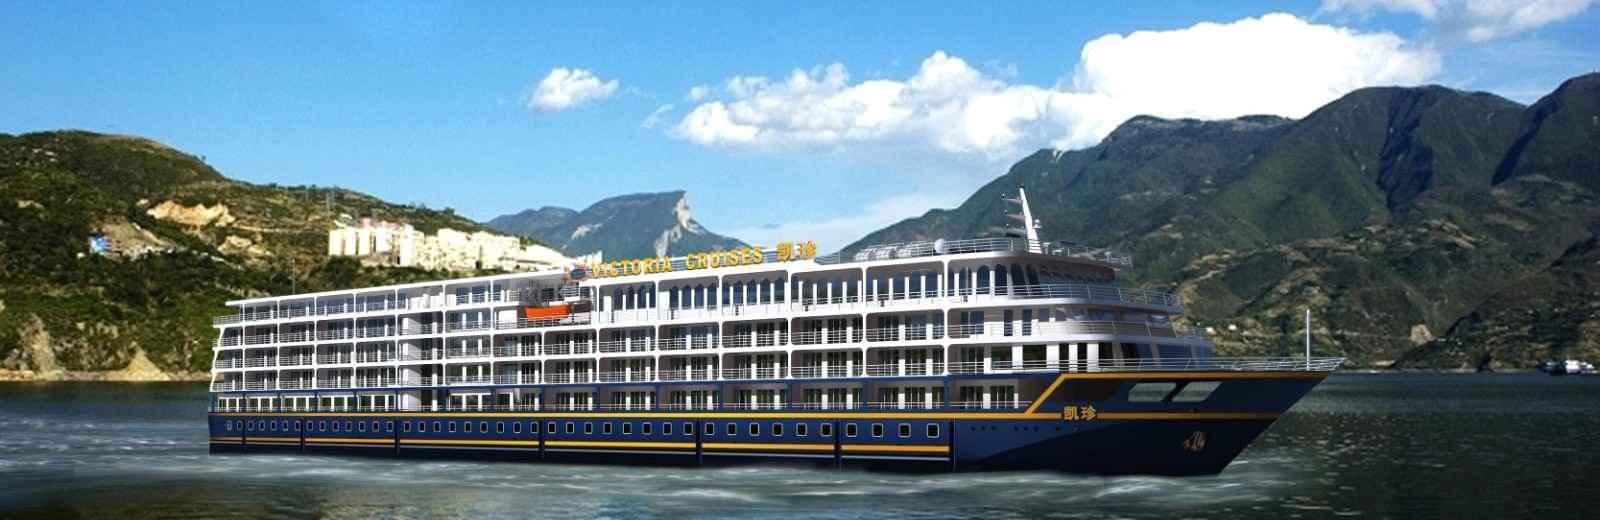 victoria cruises china reviews